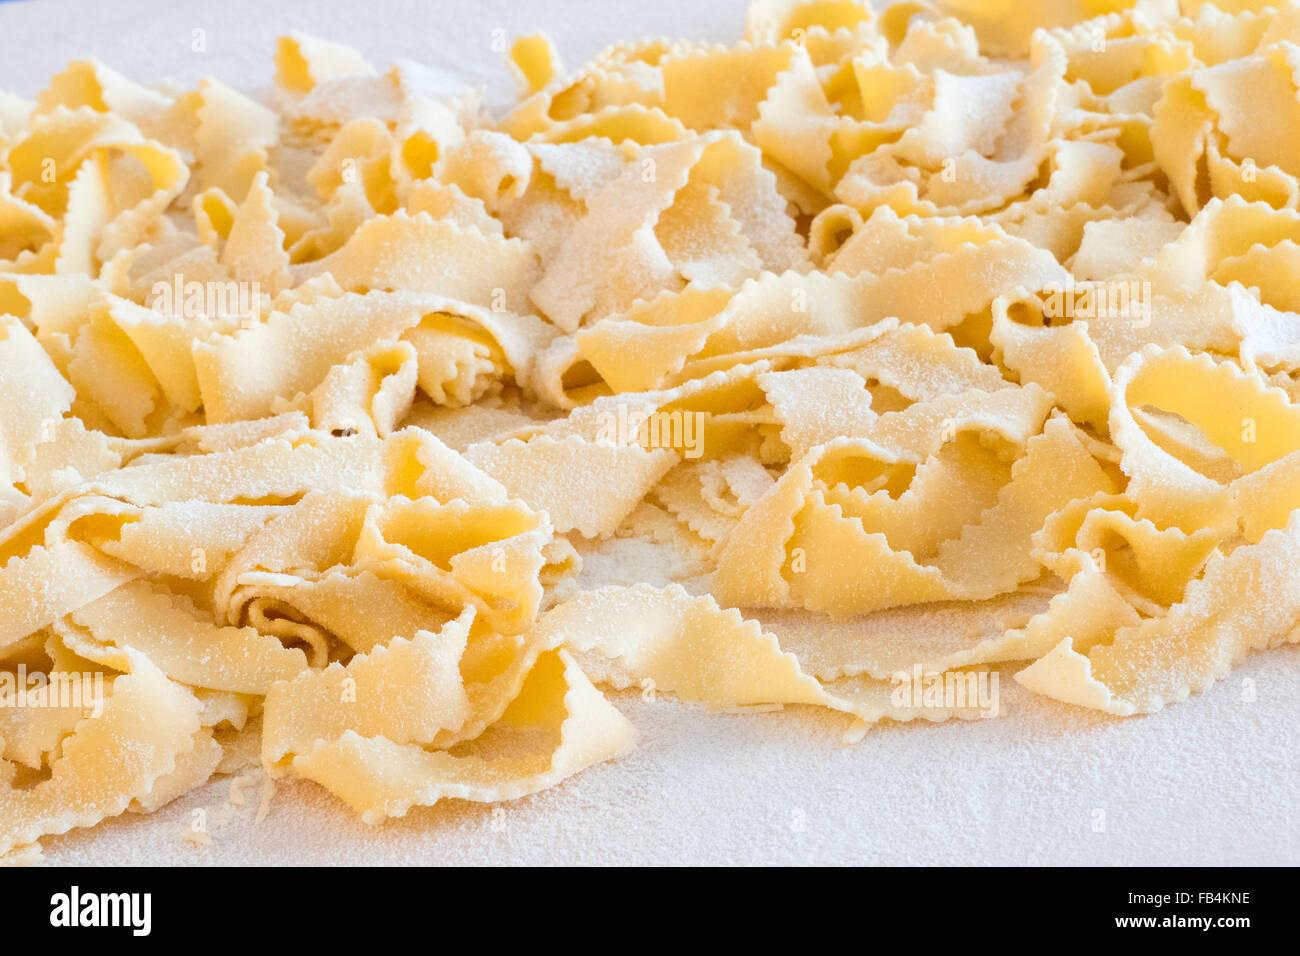 """Les pâtes italiennes faites à la main, appelé """"ginelle', sur planche de bois avec la farine. Photo Stock"""